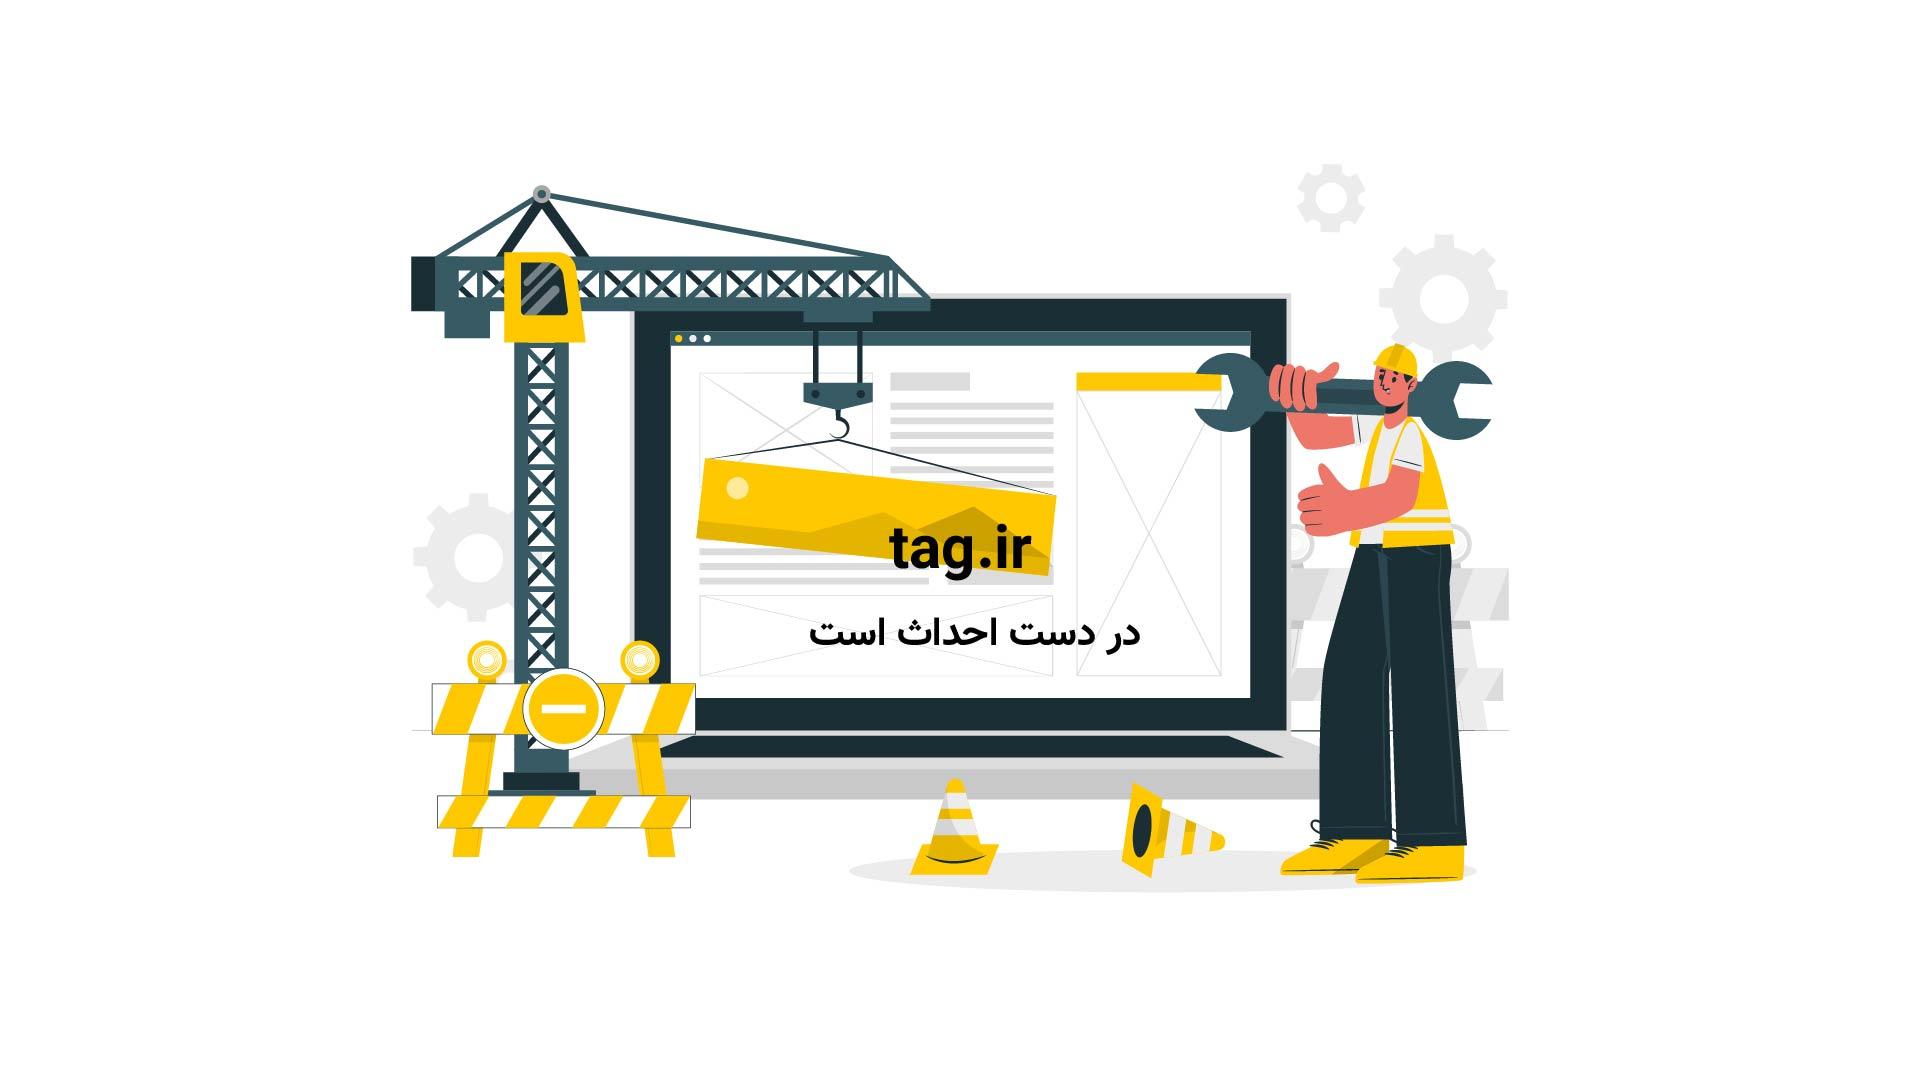 نظر متفاوت سردار سلیمانی درباره آیتالله هاشمی | فیلم